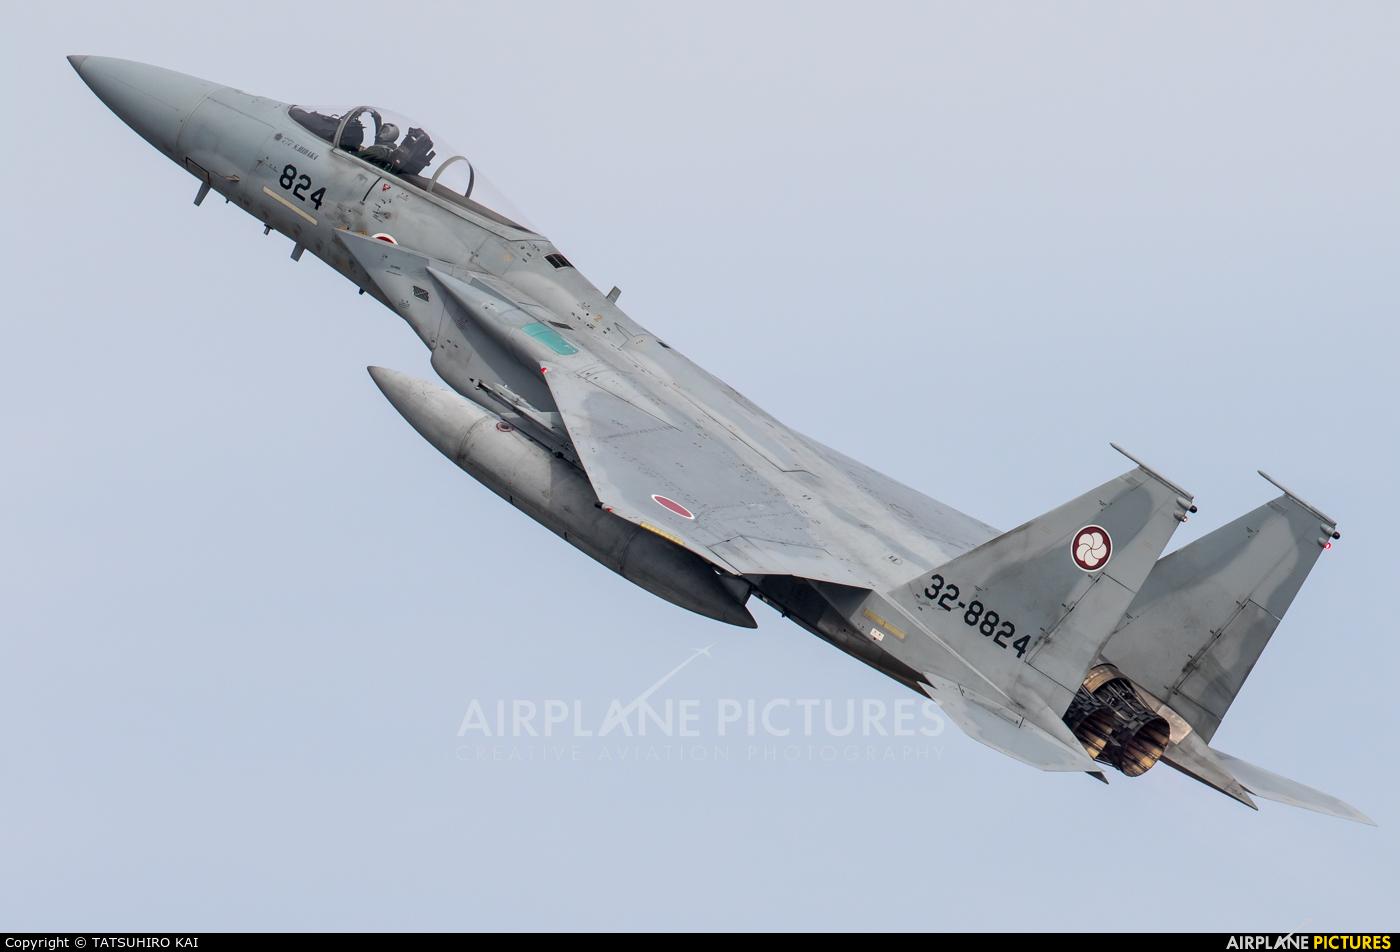 Japan - Air Self Defence Force 32-8824 aircraft at Nyutabaru AB